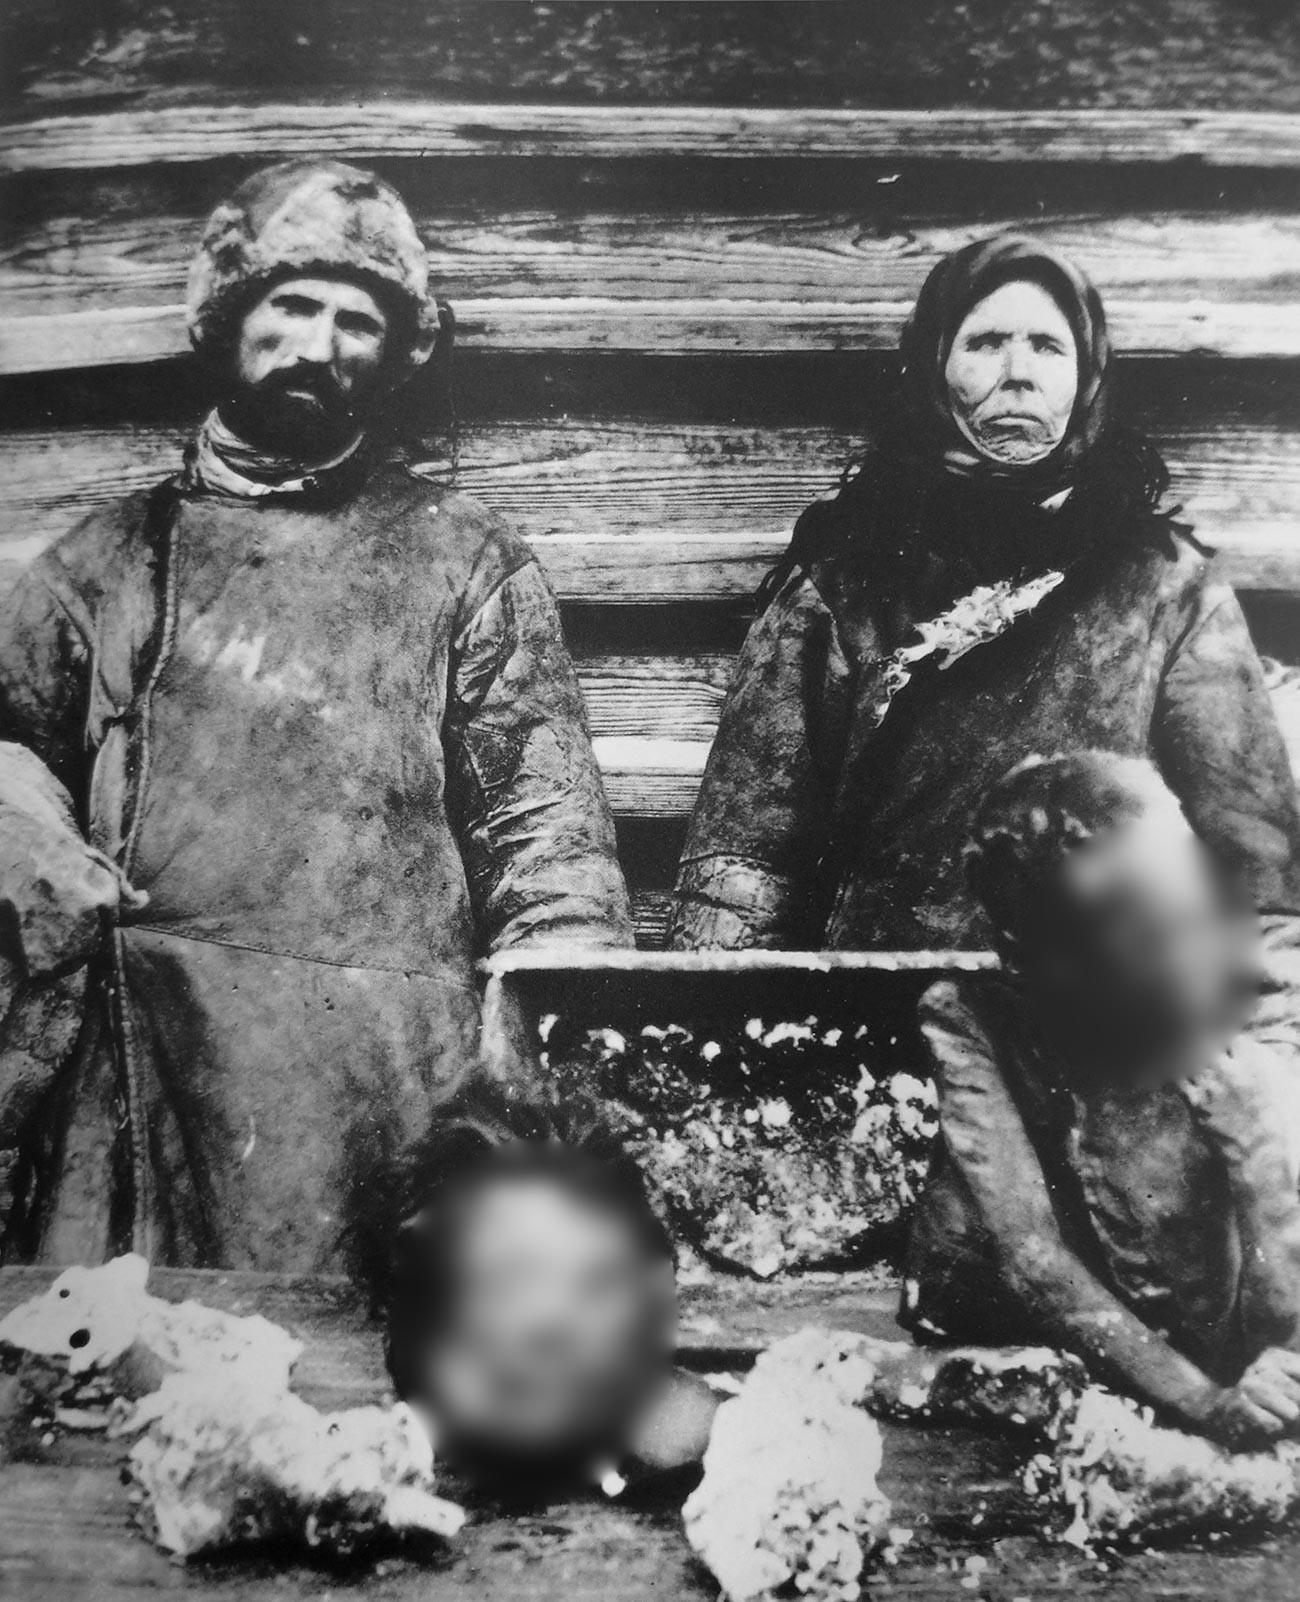 Канибали със своите жертви, Самарска област, Русия, 1921 г.